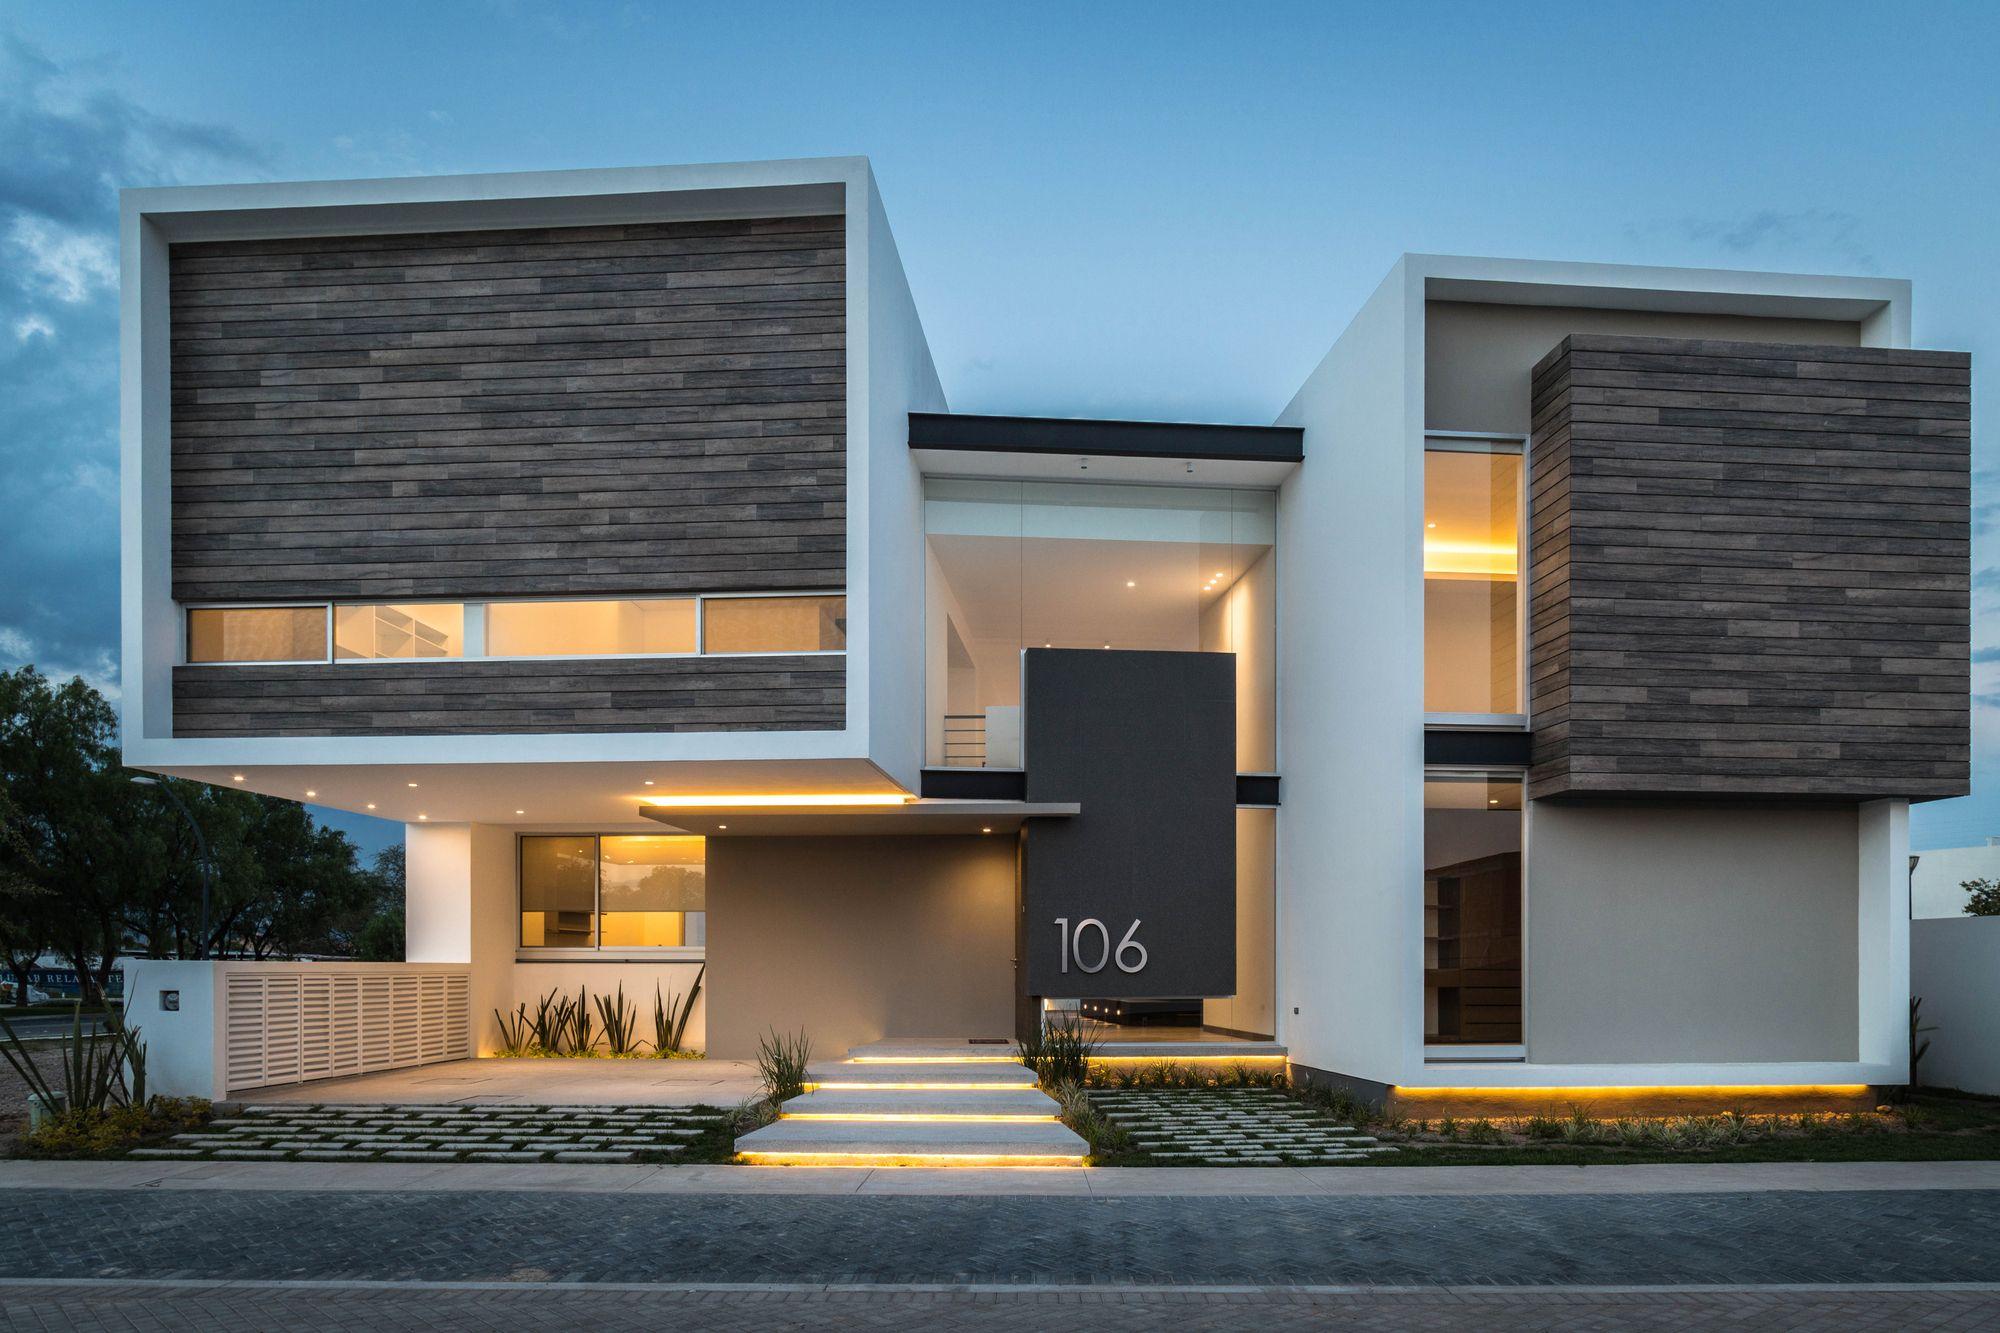 Galer a de casa r p adi arquitectura y dise o interior for Arquitectura y diseno de casas modernas